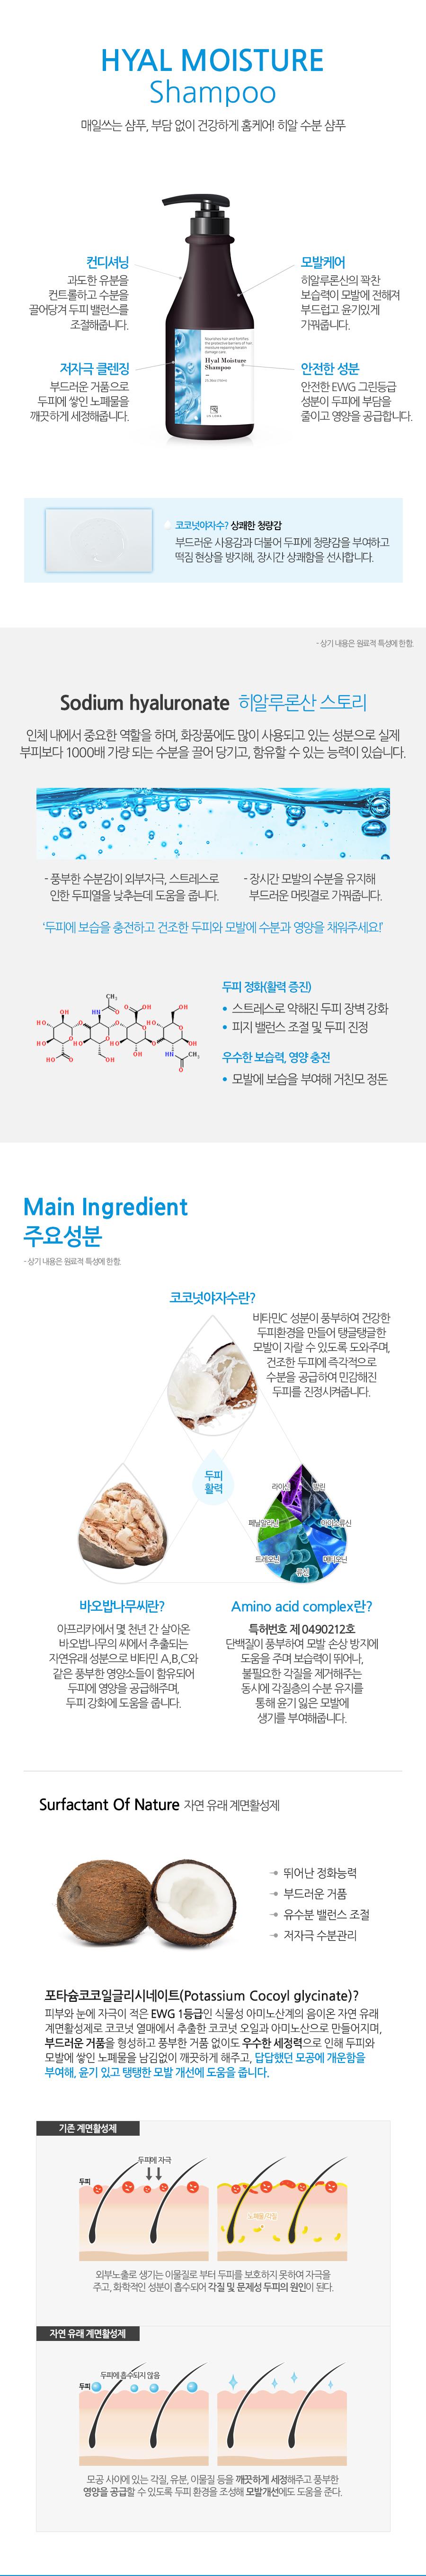 대용량 히알 삼푸 & 트리트먼트 750ml세트 - 어스로하, 27,500원, 헤어케어, 샴푸/린스